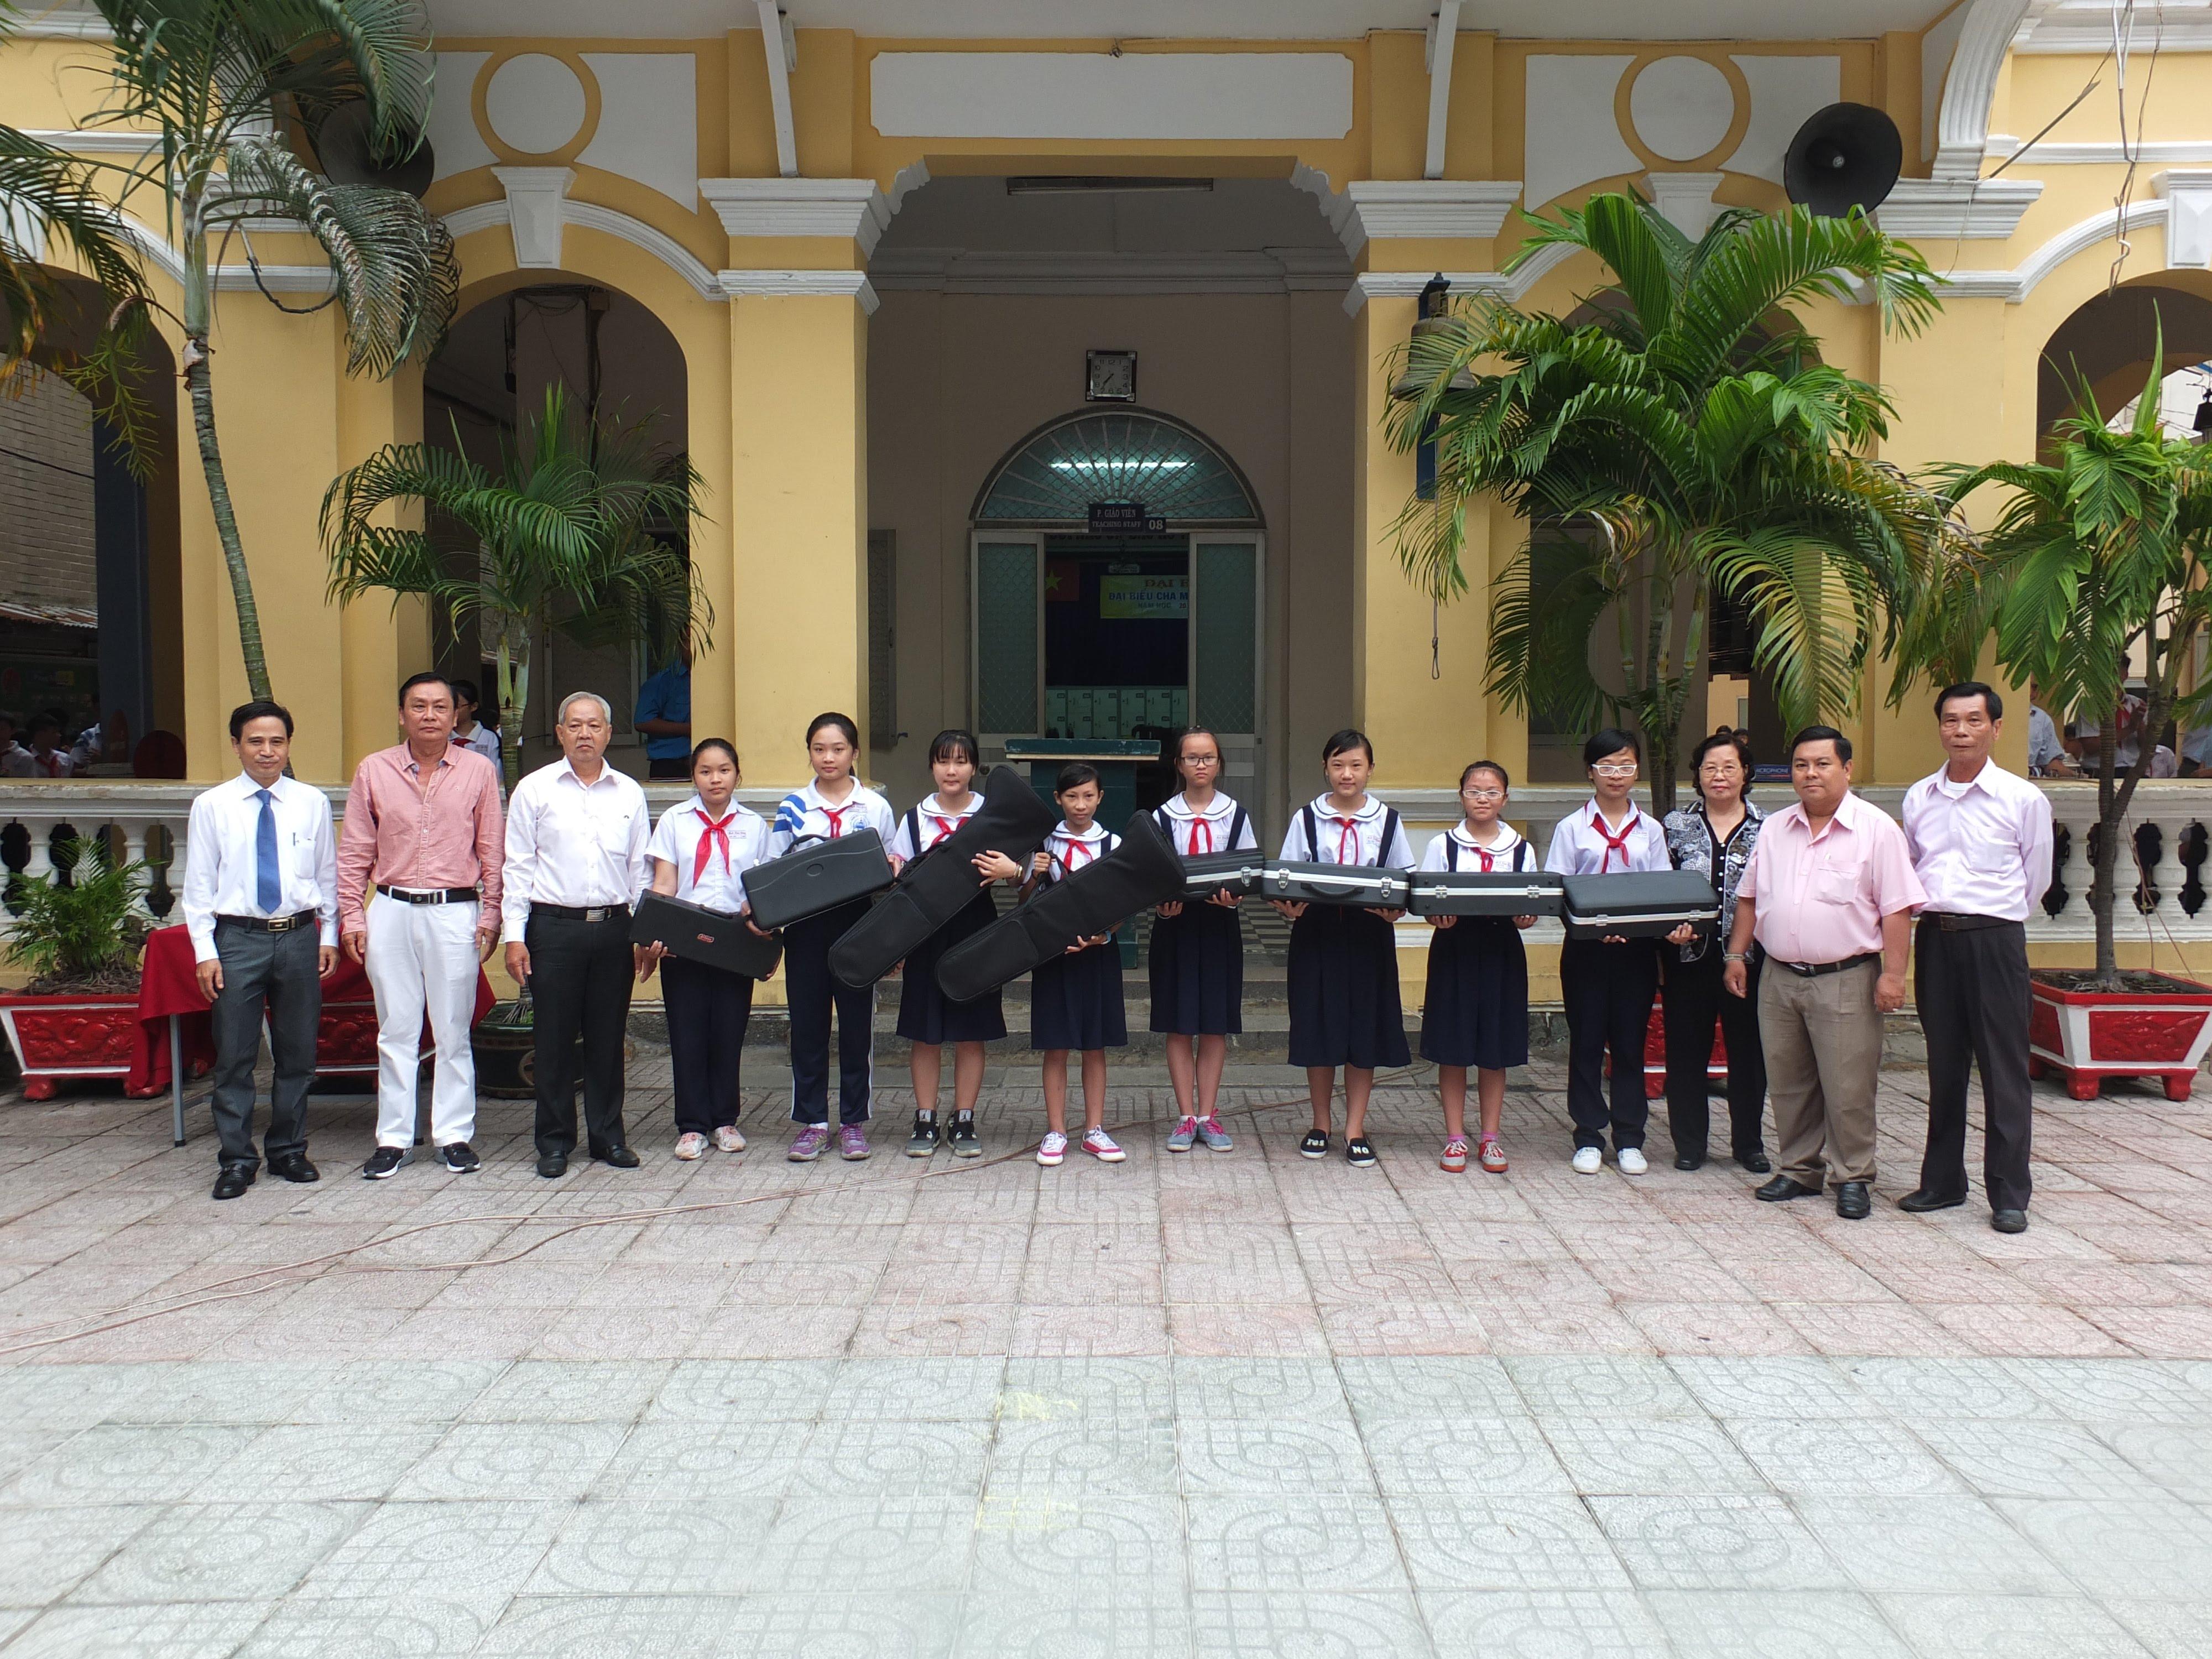 Ban đại diện cựu học sinh chụp hình cùng lãnh đạo nhà trường và BCH liên đội trường THCS Mạch Kiếm Hùng